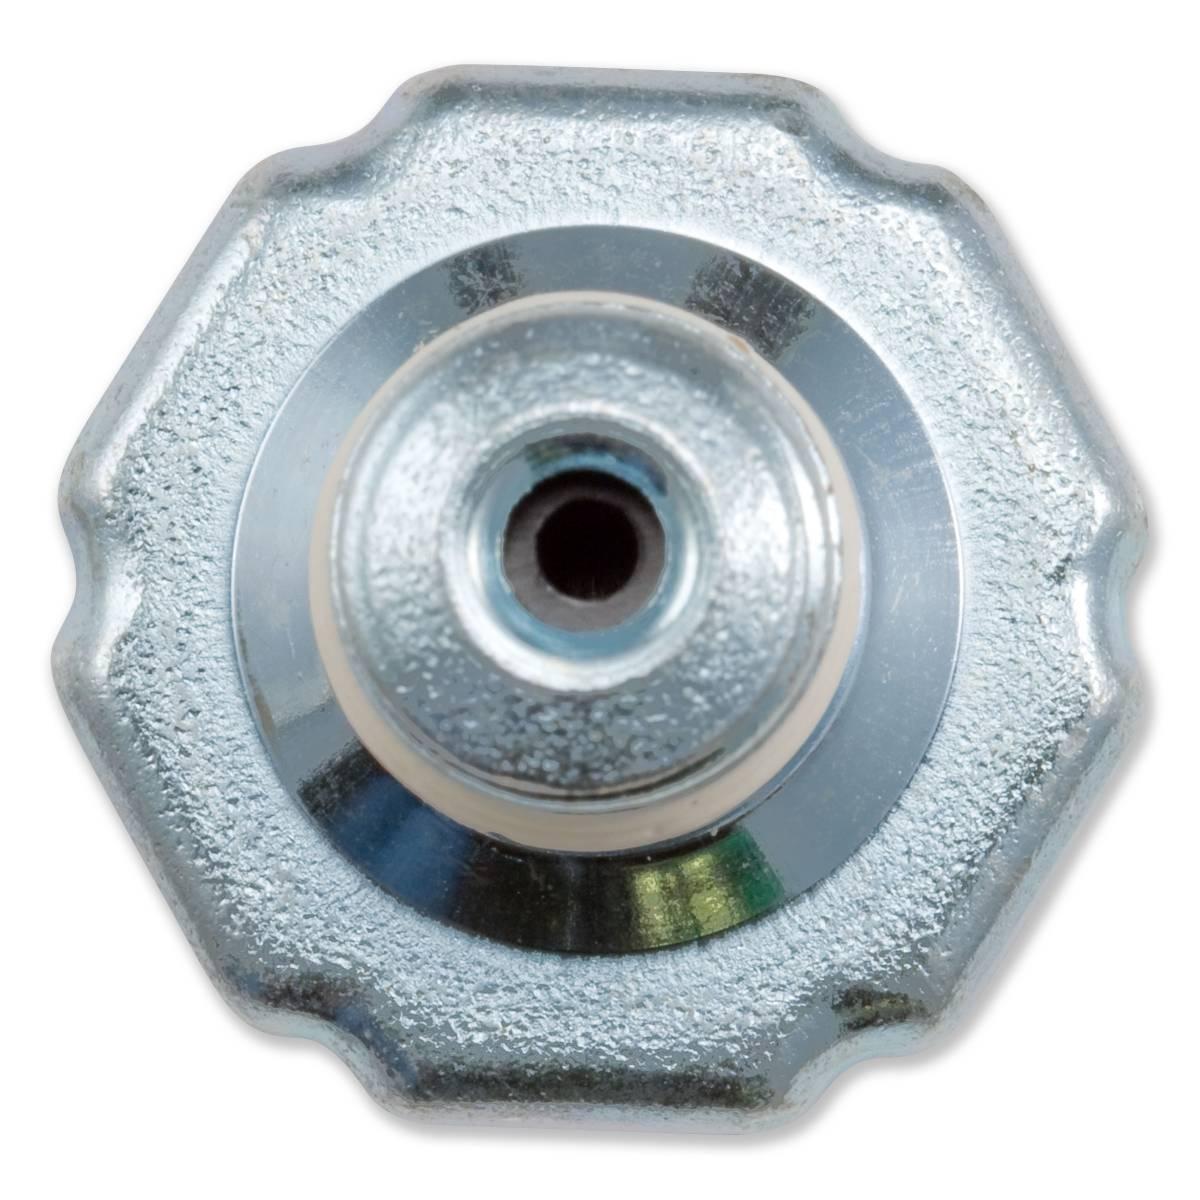 Alliant Power Ap0022 Engine Oil Pressure Eop Switch: Alliant Power AP63419 Engine Oil Pressure (EOP) Switch